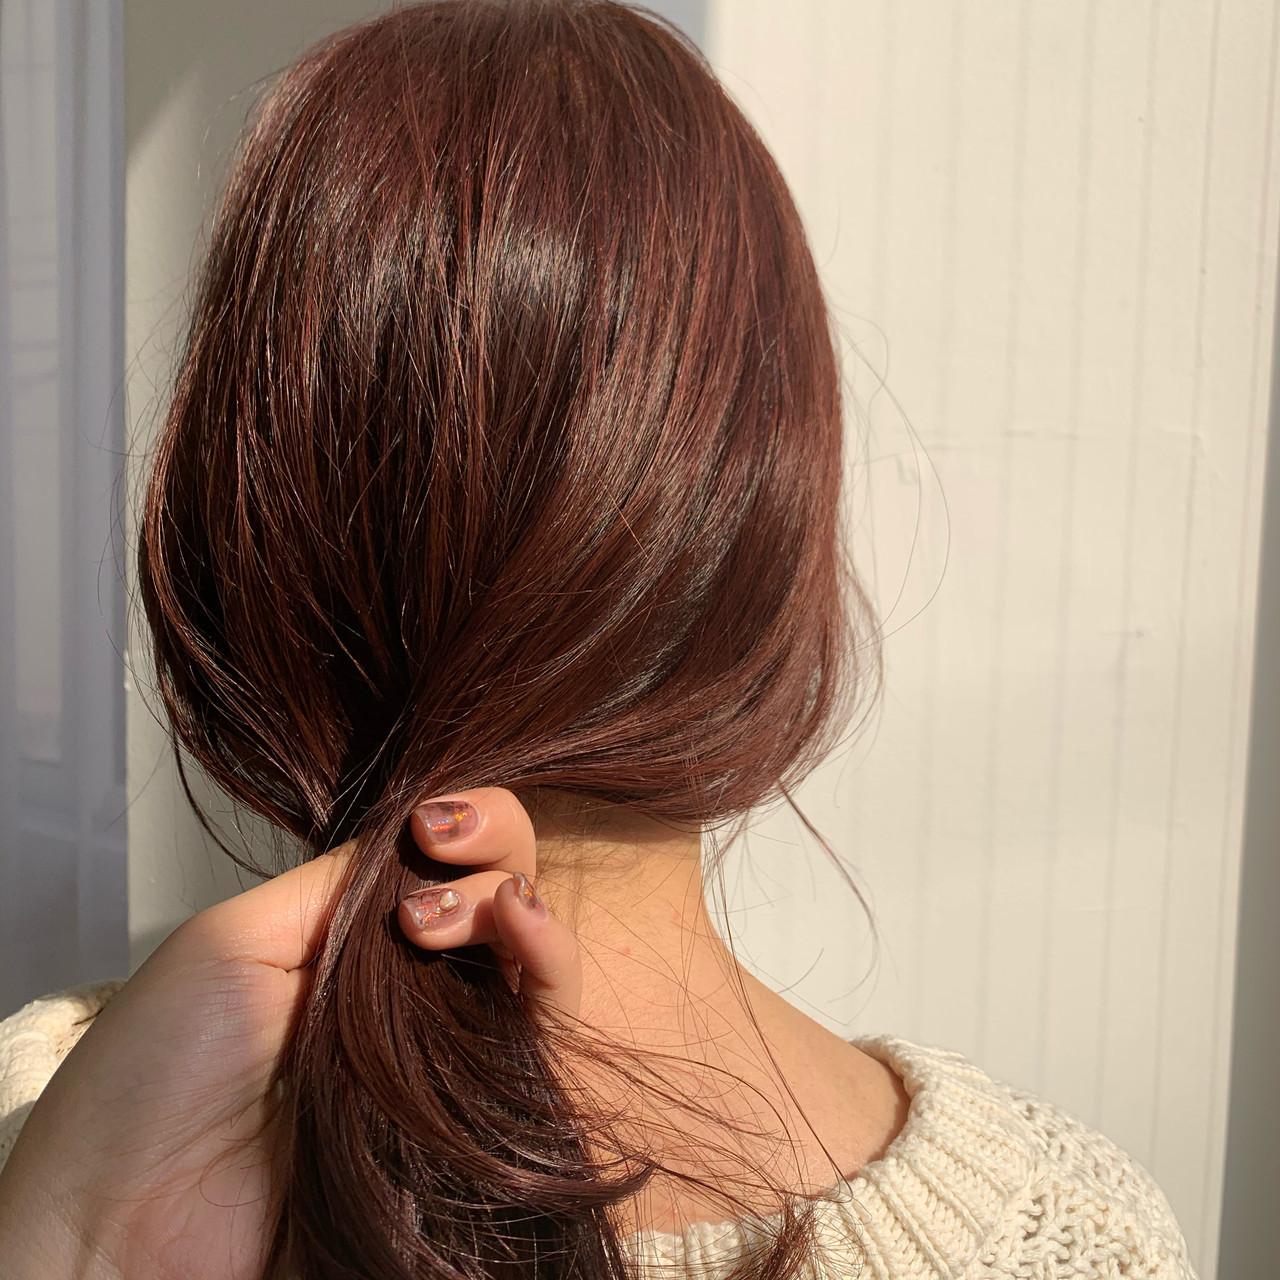 セミロング アプリコットオレンジ ゆるふわ オレンジ ヘアスタイルや髪型の写真・画像